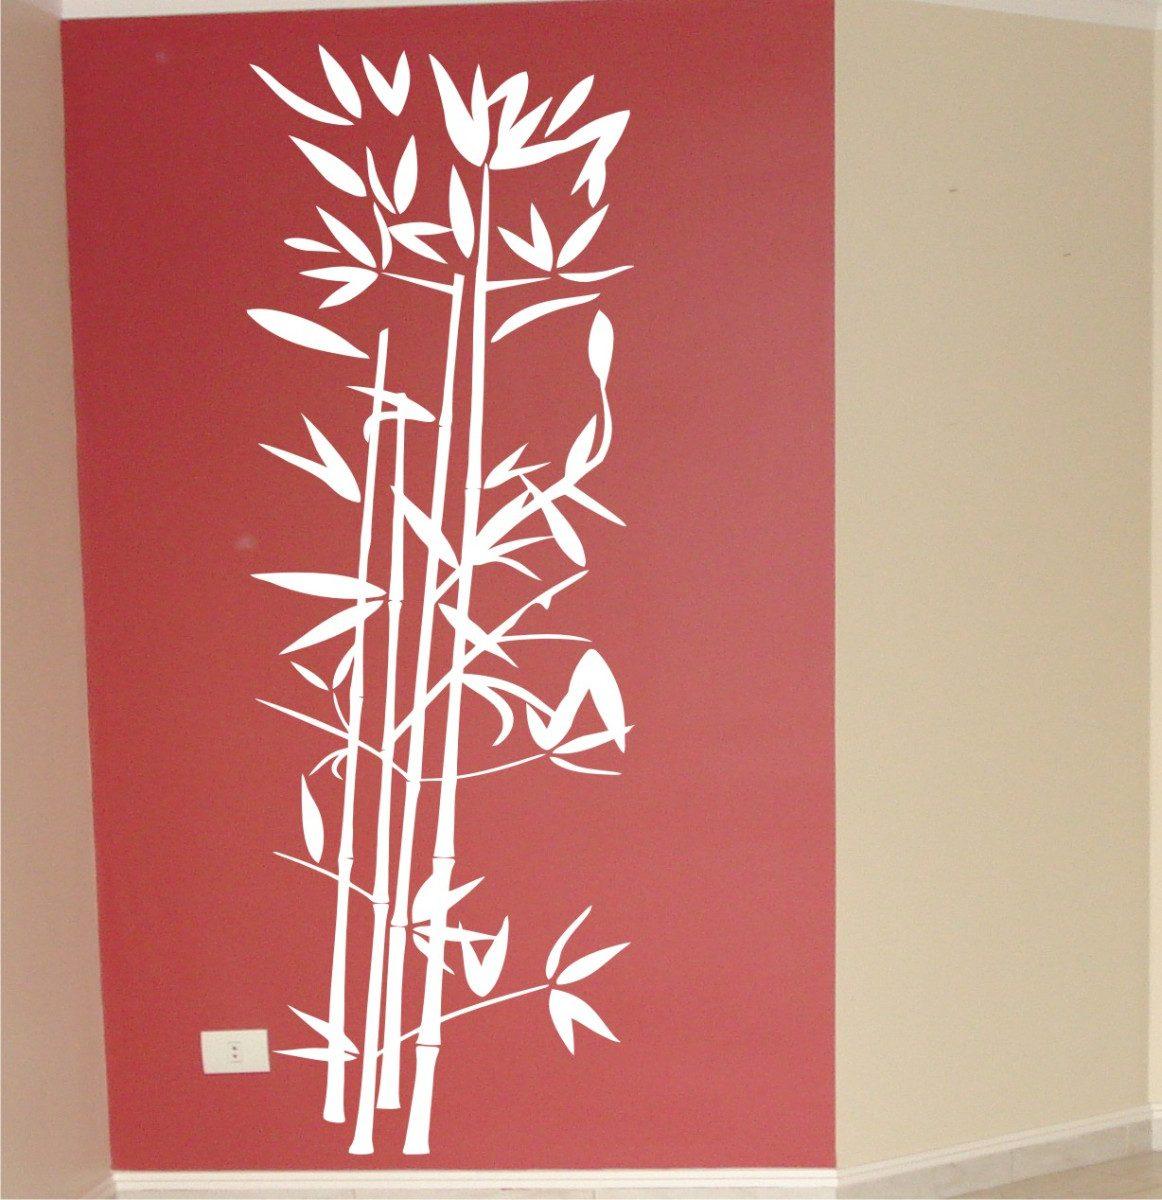 Aparador De Livros Em Ingles ~ Adesivos Decorativos De Parede Bambu Oriental Bamboo Chin u00eas R$ 34,67 em Mercado Livre